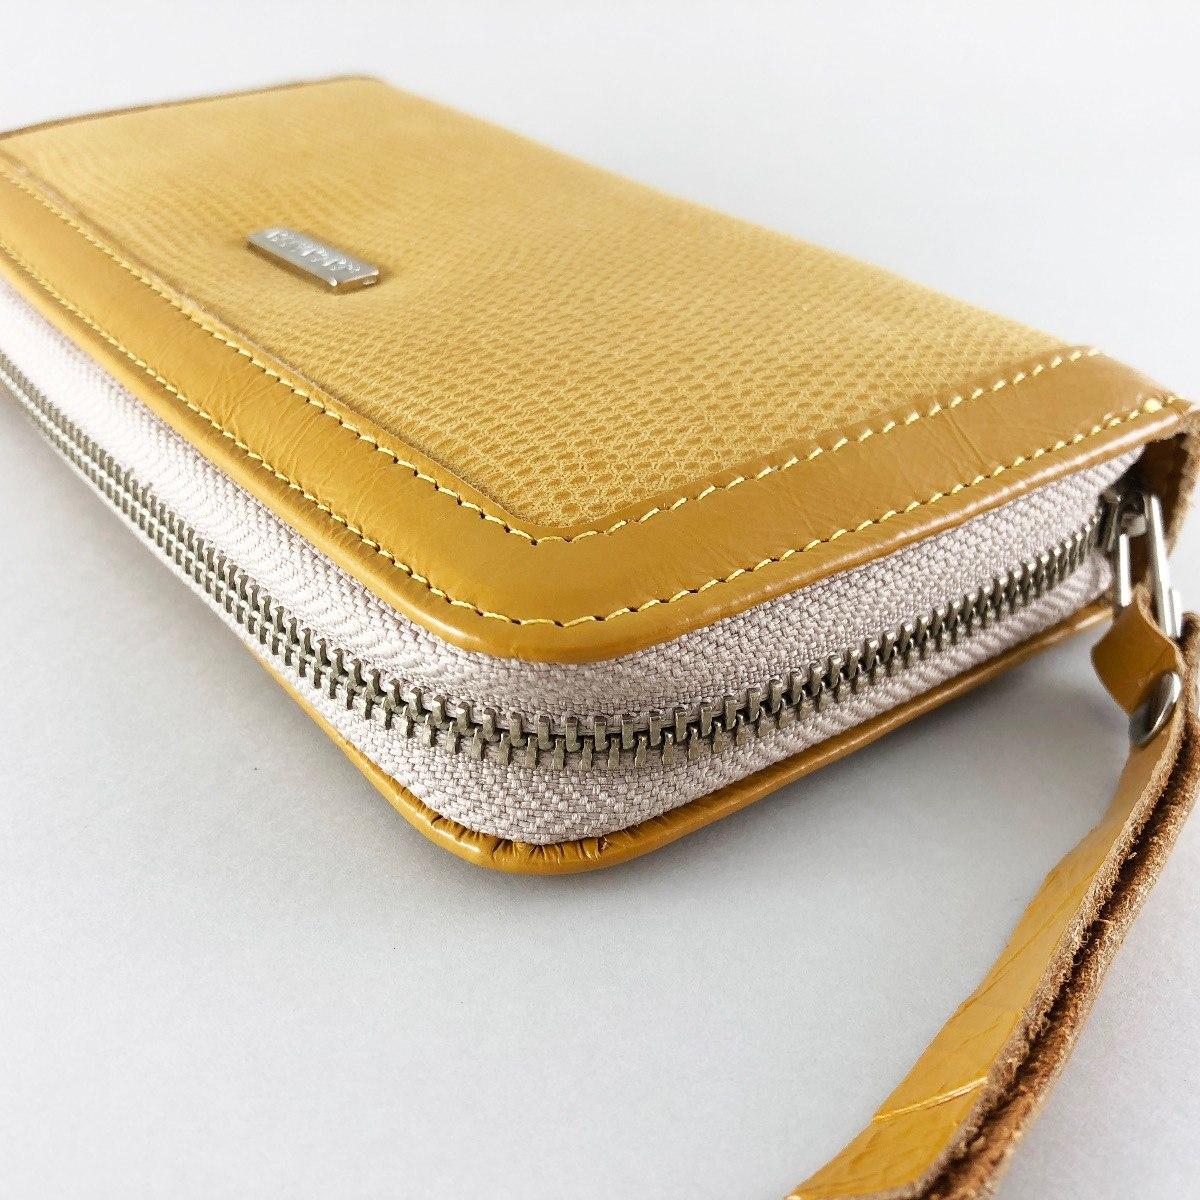 8a77c83fd7a4 accesorios verano billetera amarilla malakita para mujer. Cargando zoom.